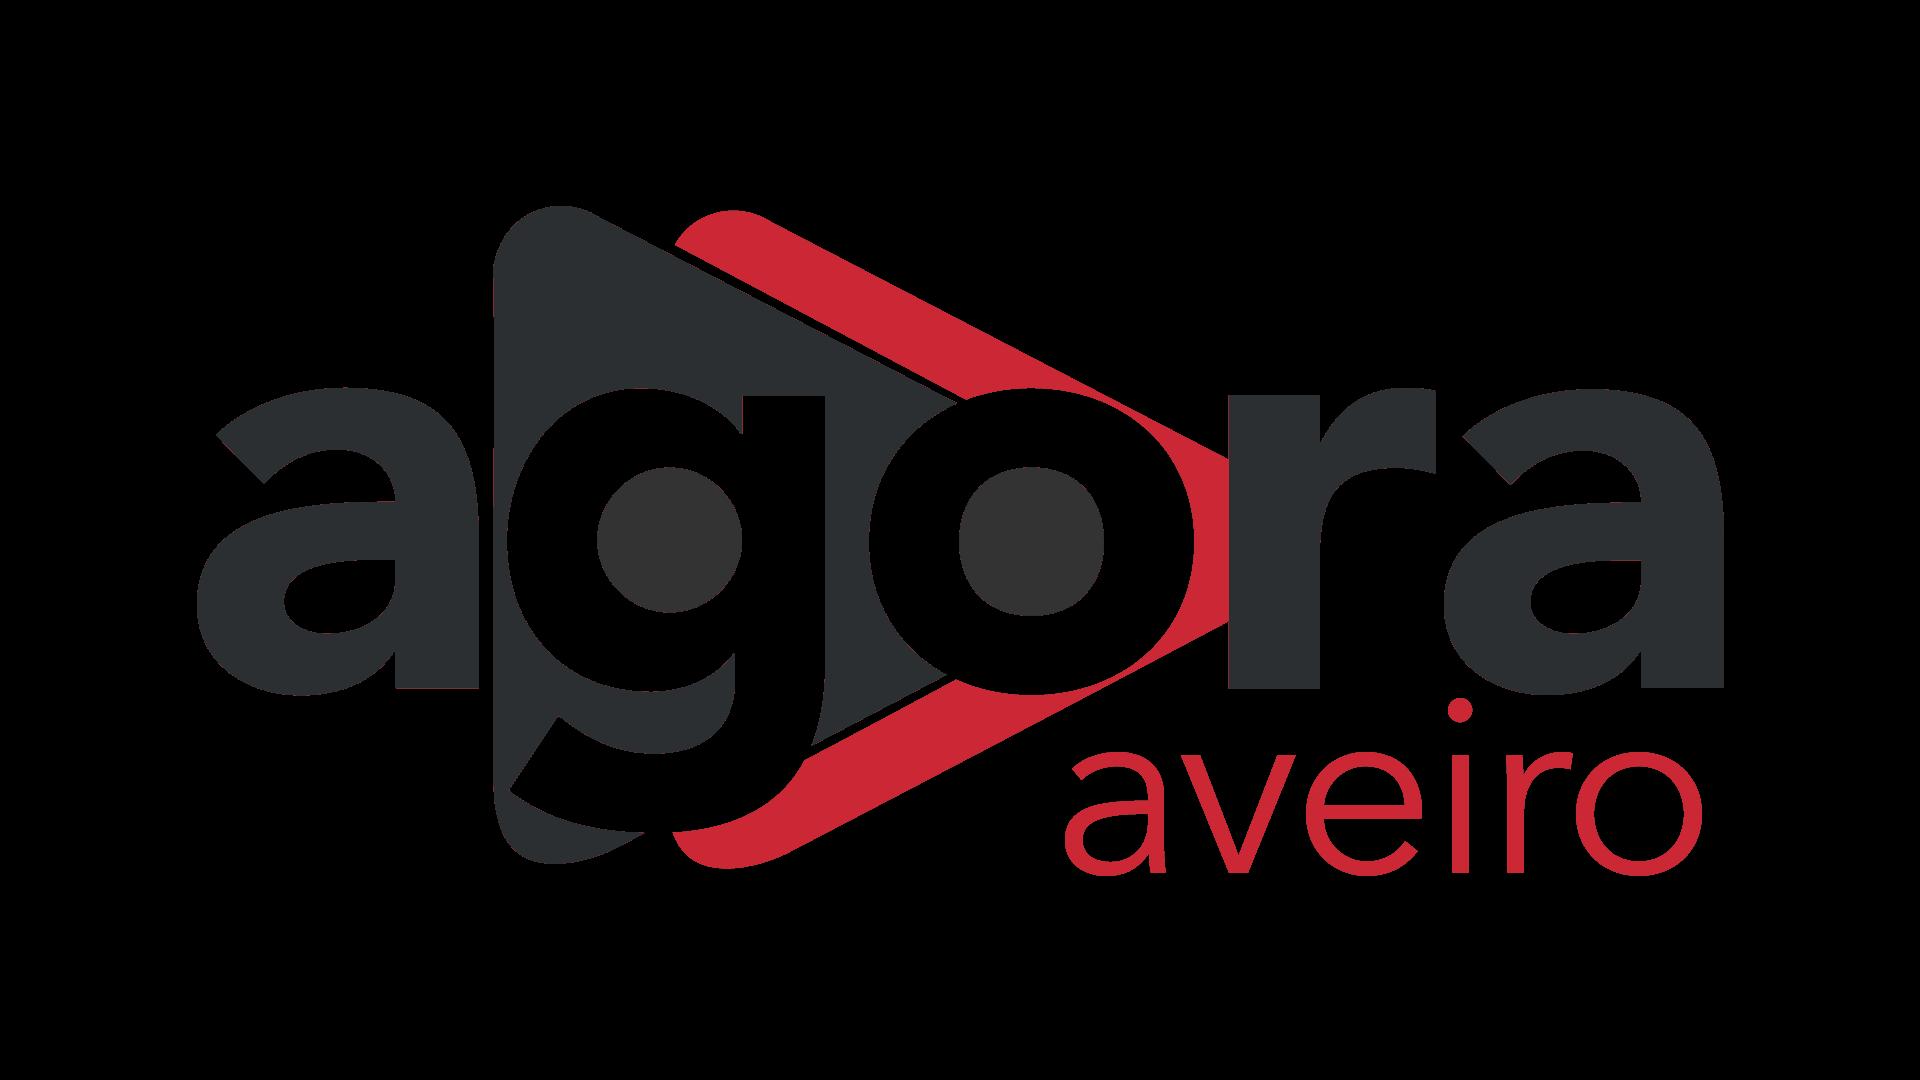 Agora Aveiro, Portugal